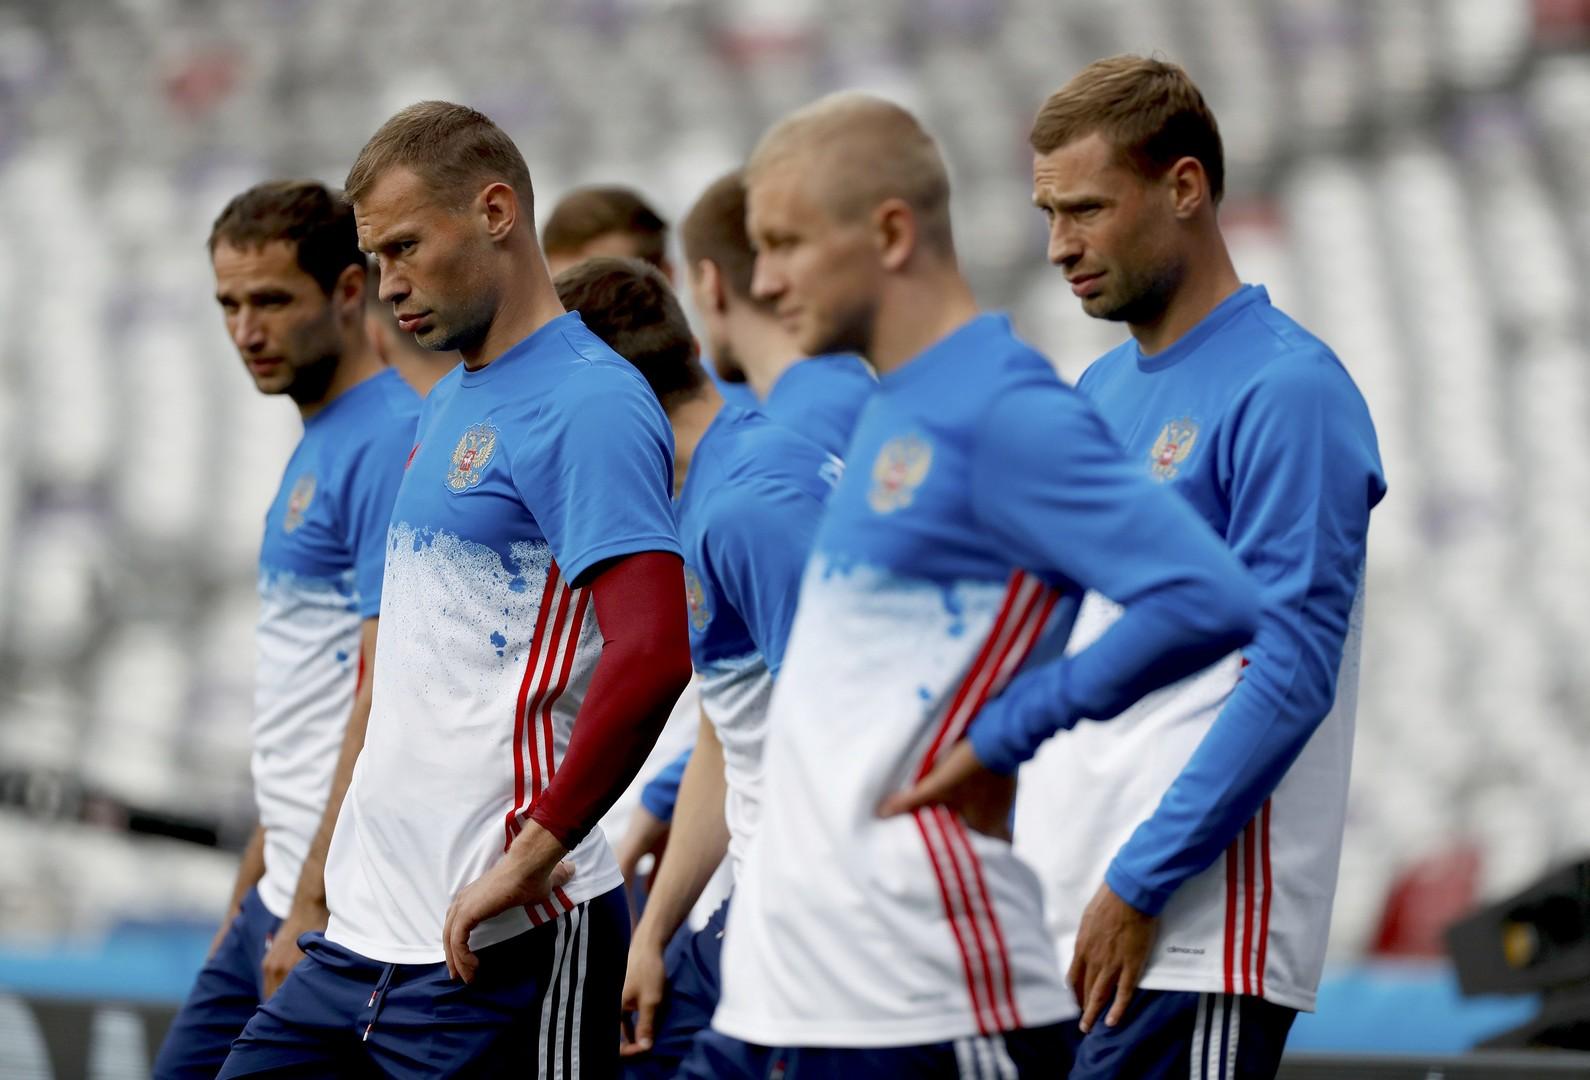 УЕФА не согласовал выход сборной России на матч с Уэльсом в траурных повязках